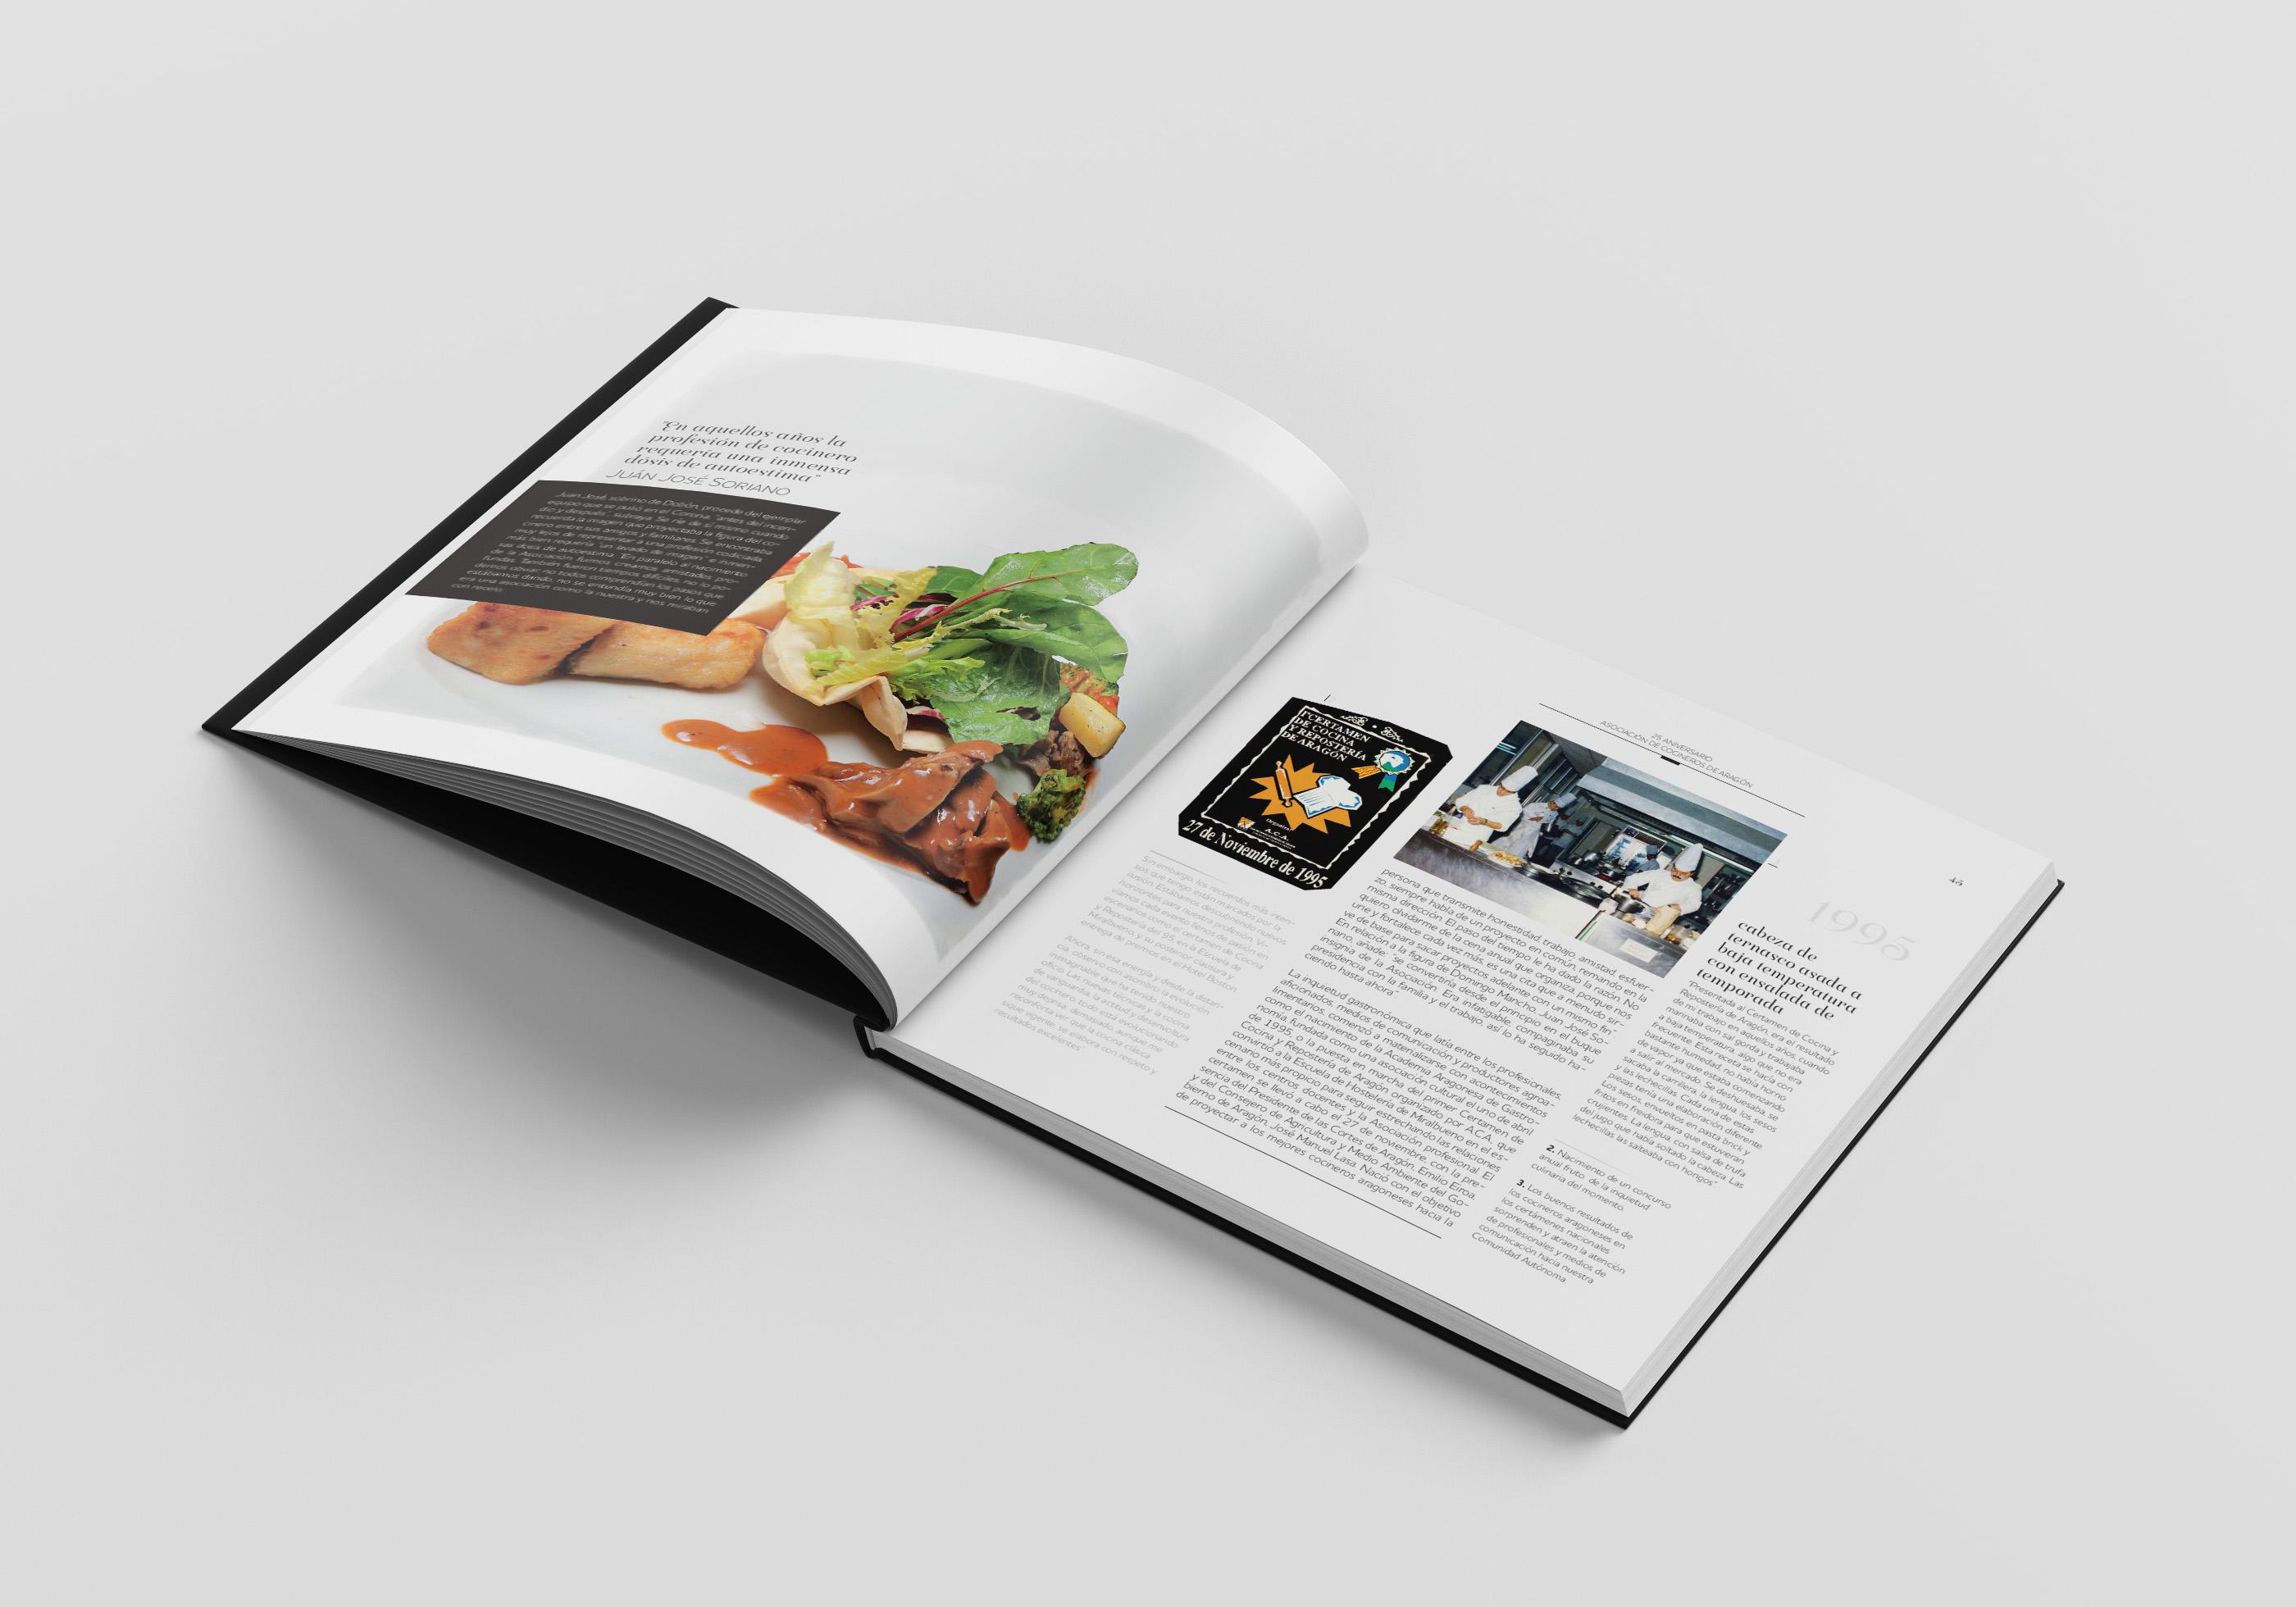 Cocina retrospectiva en la Escuela Topi para presentar el libro 25 años ACA